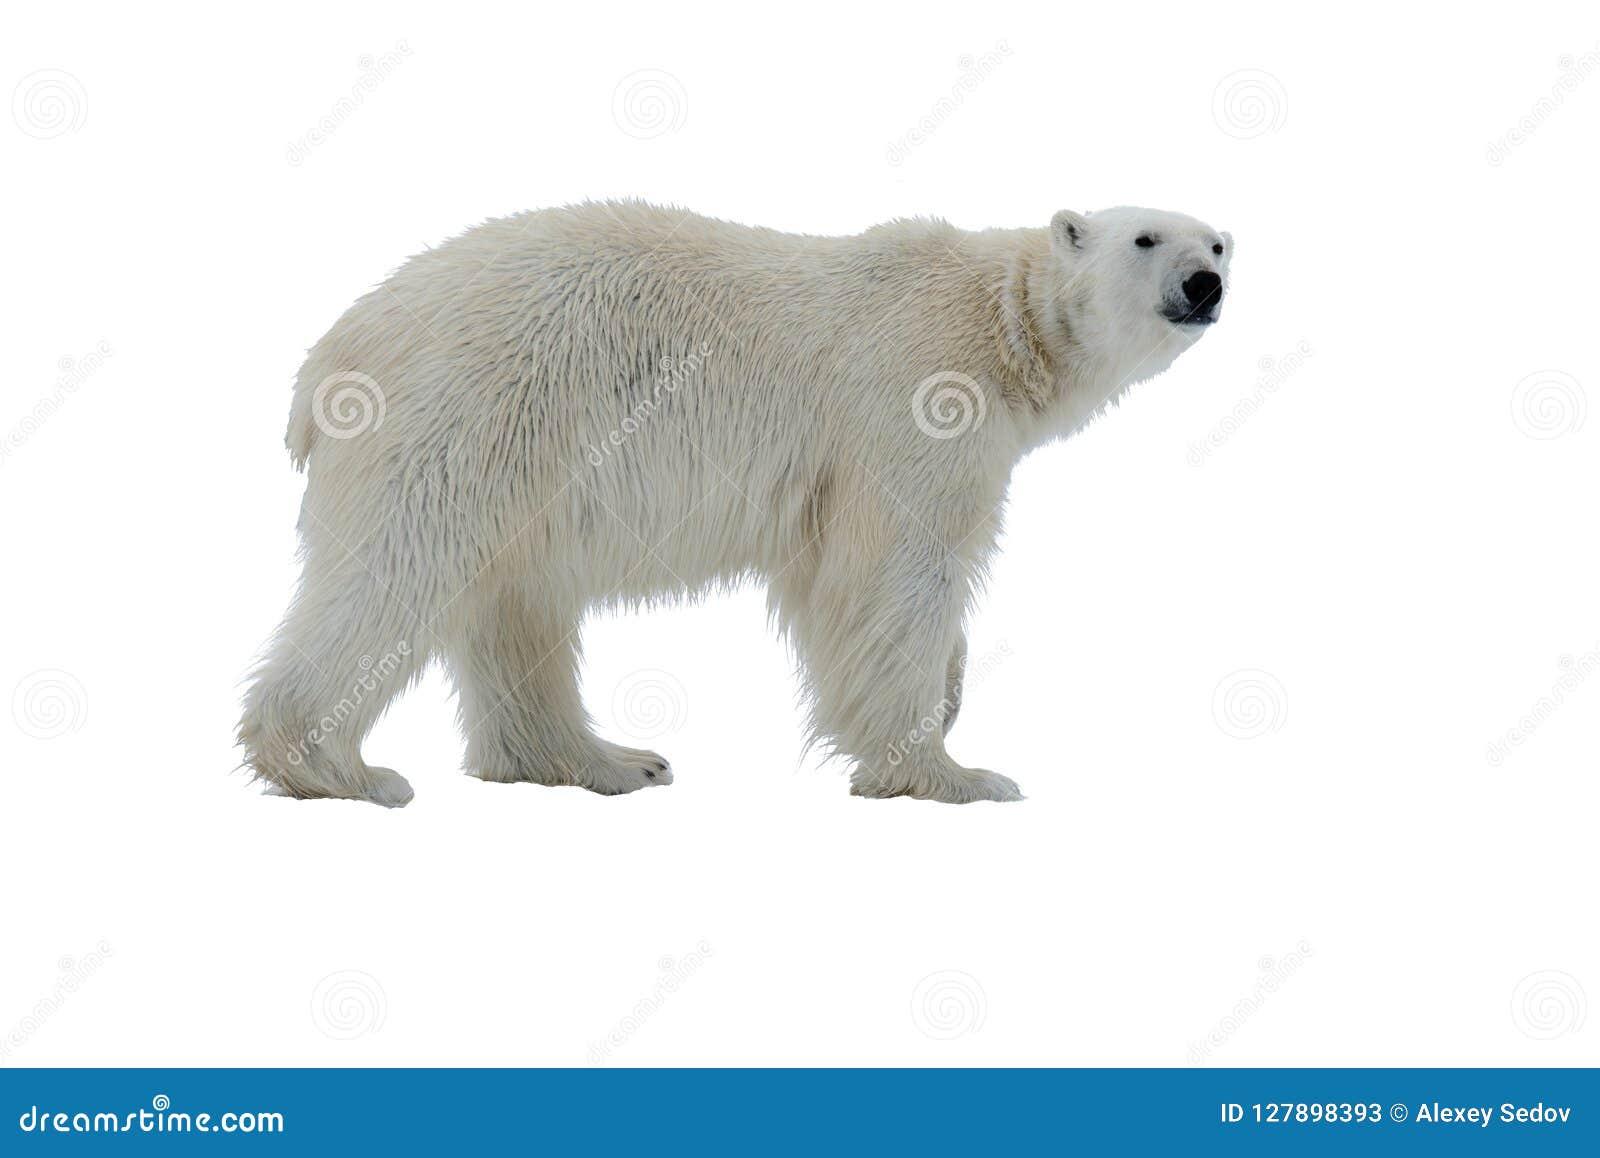 Полярный медведь изолированный на белой предпосылке